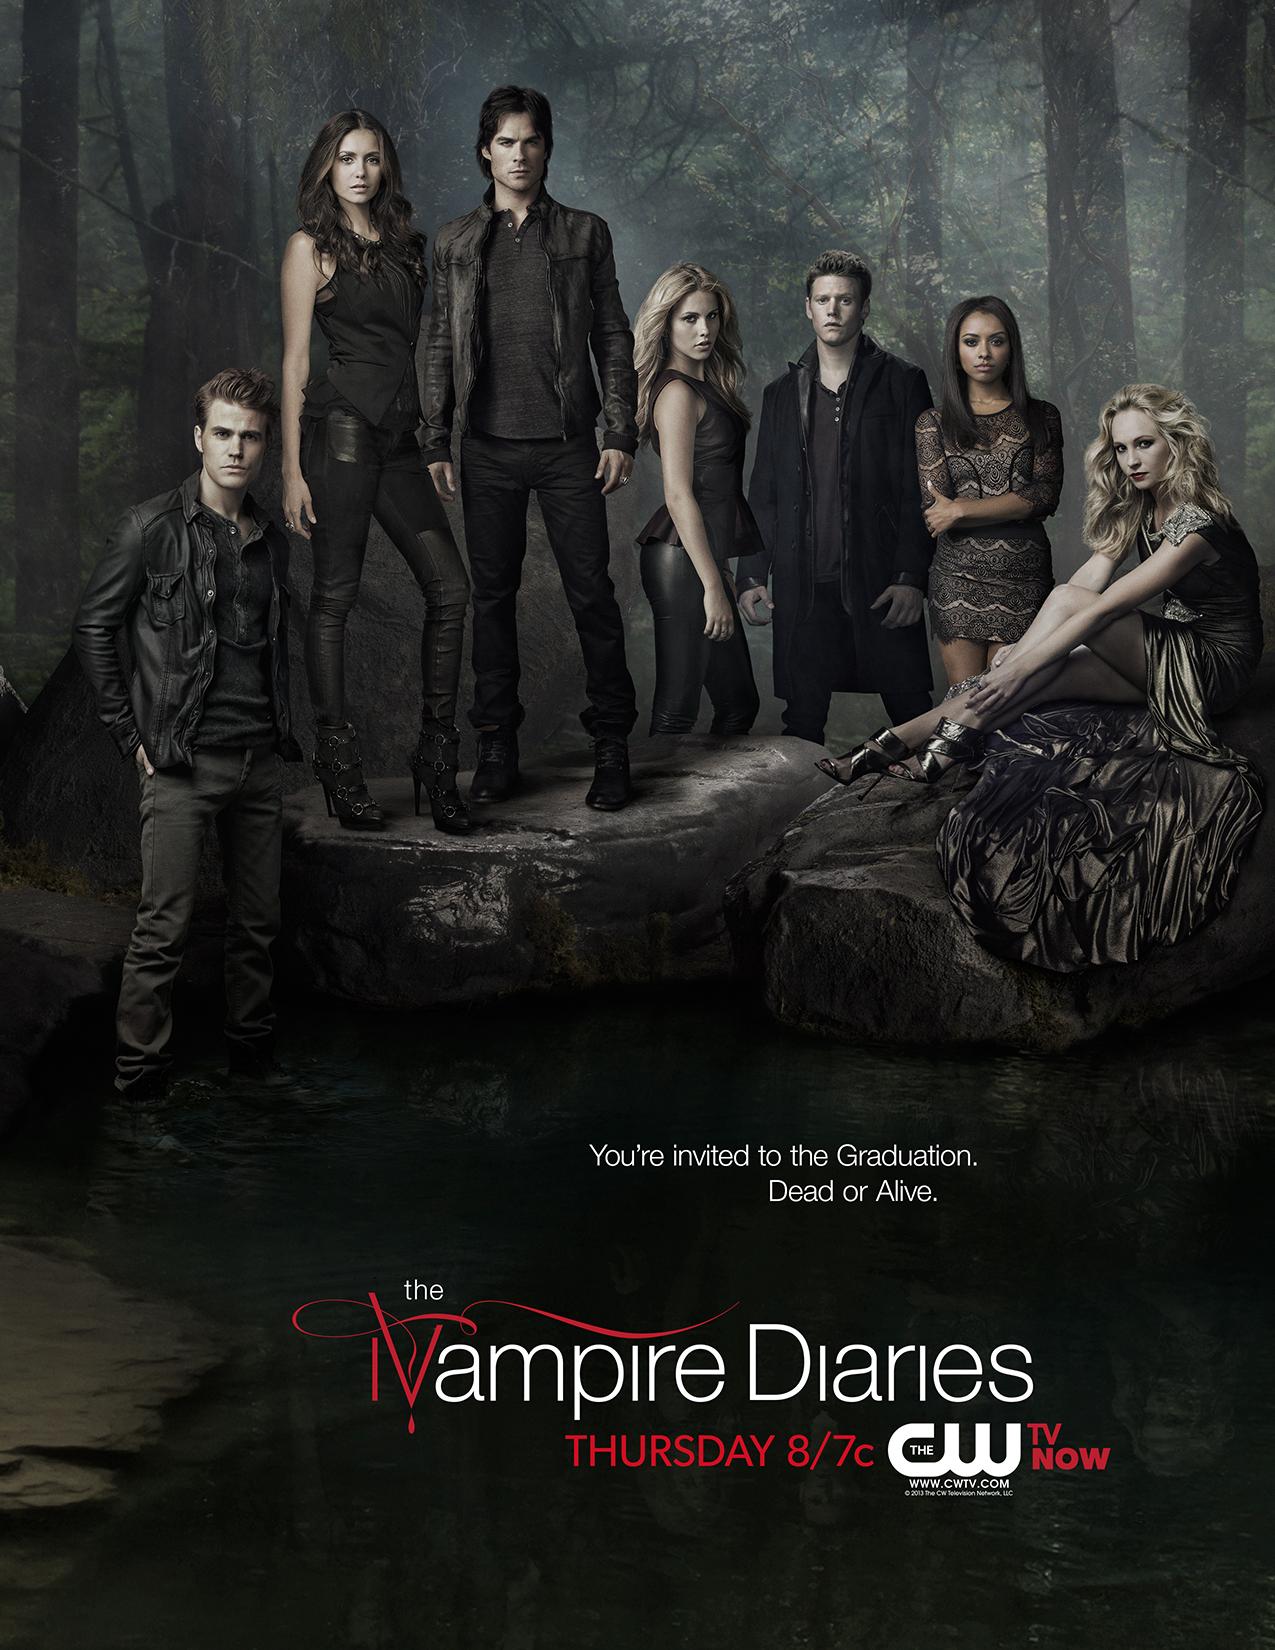 Vampire Diaries Netflix Poster 'The Vampire Diaries' ...